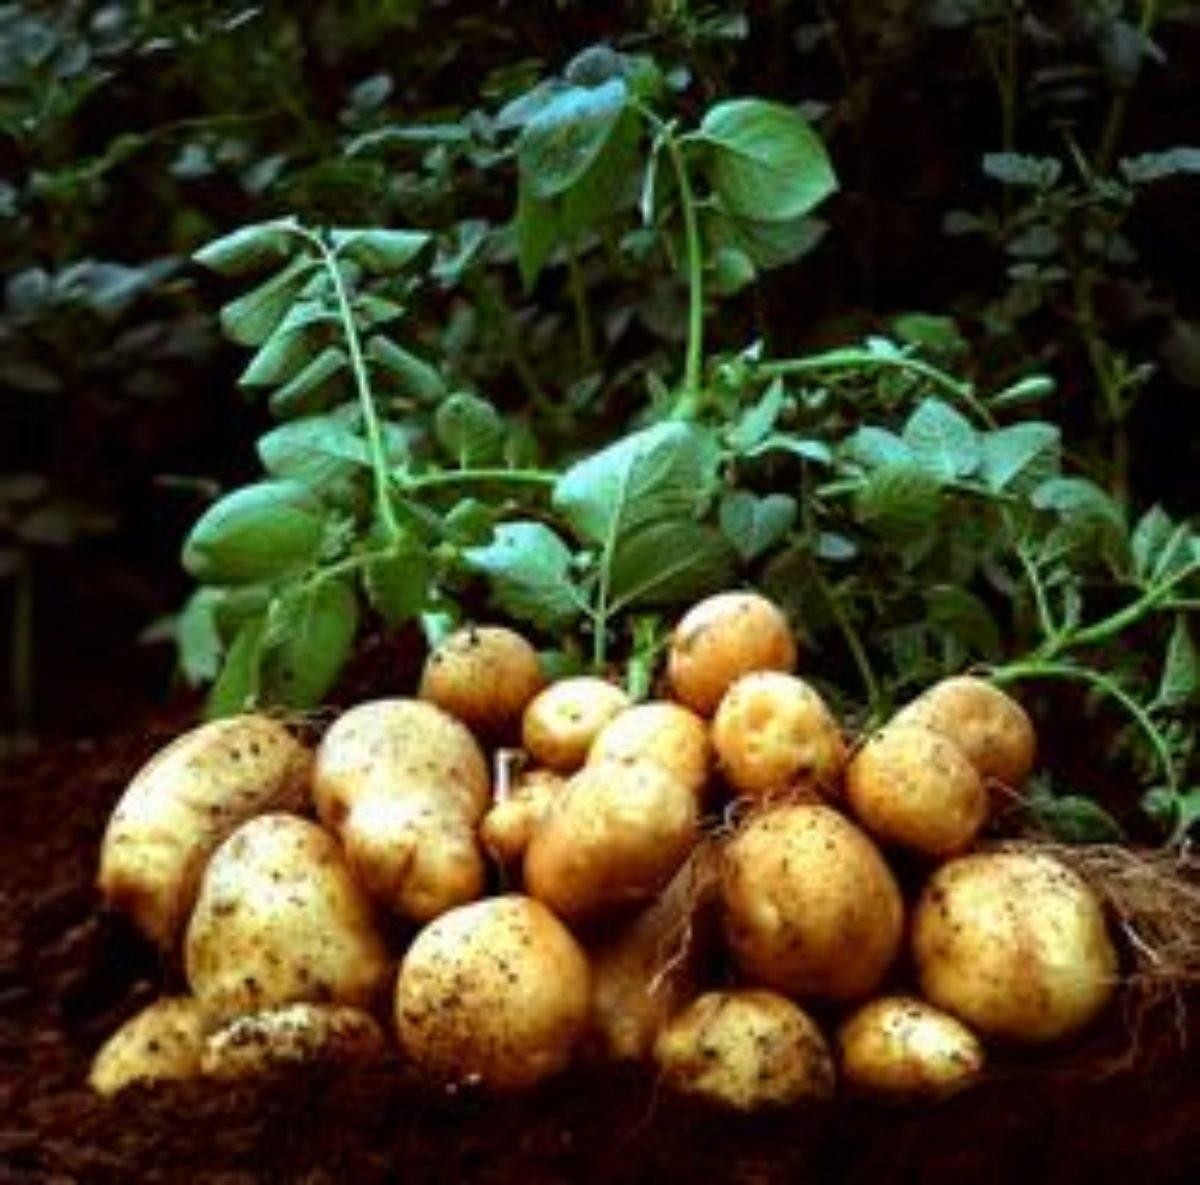 После каких культур лучше сажать картофель?